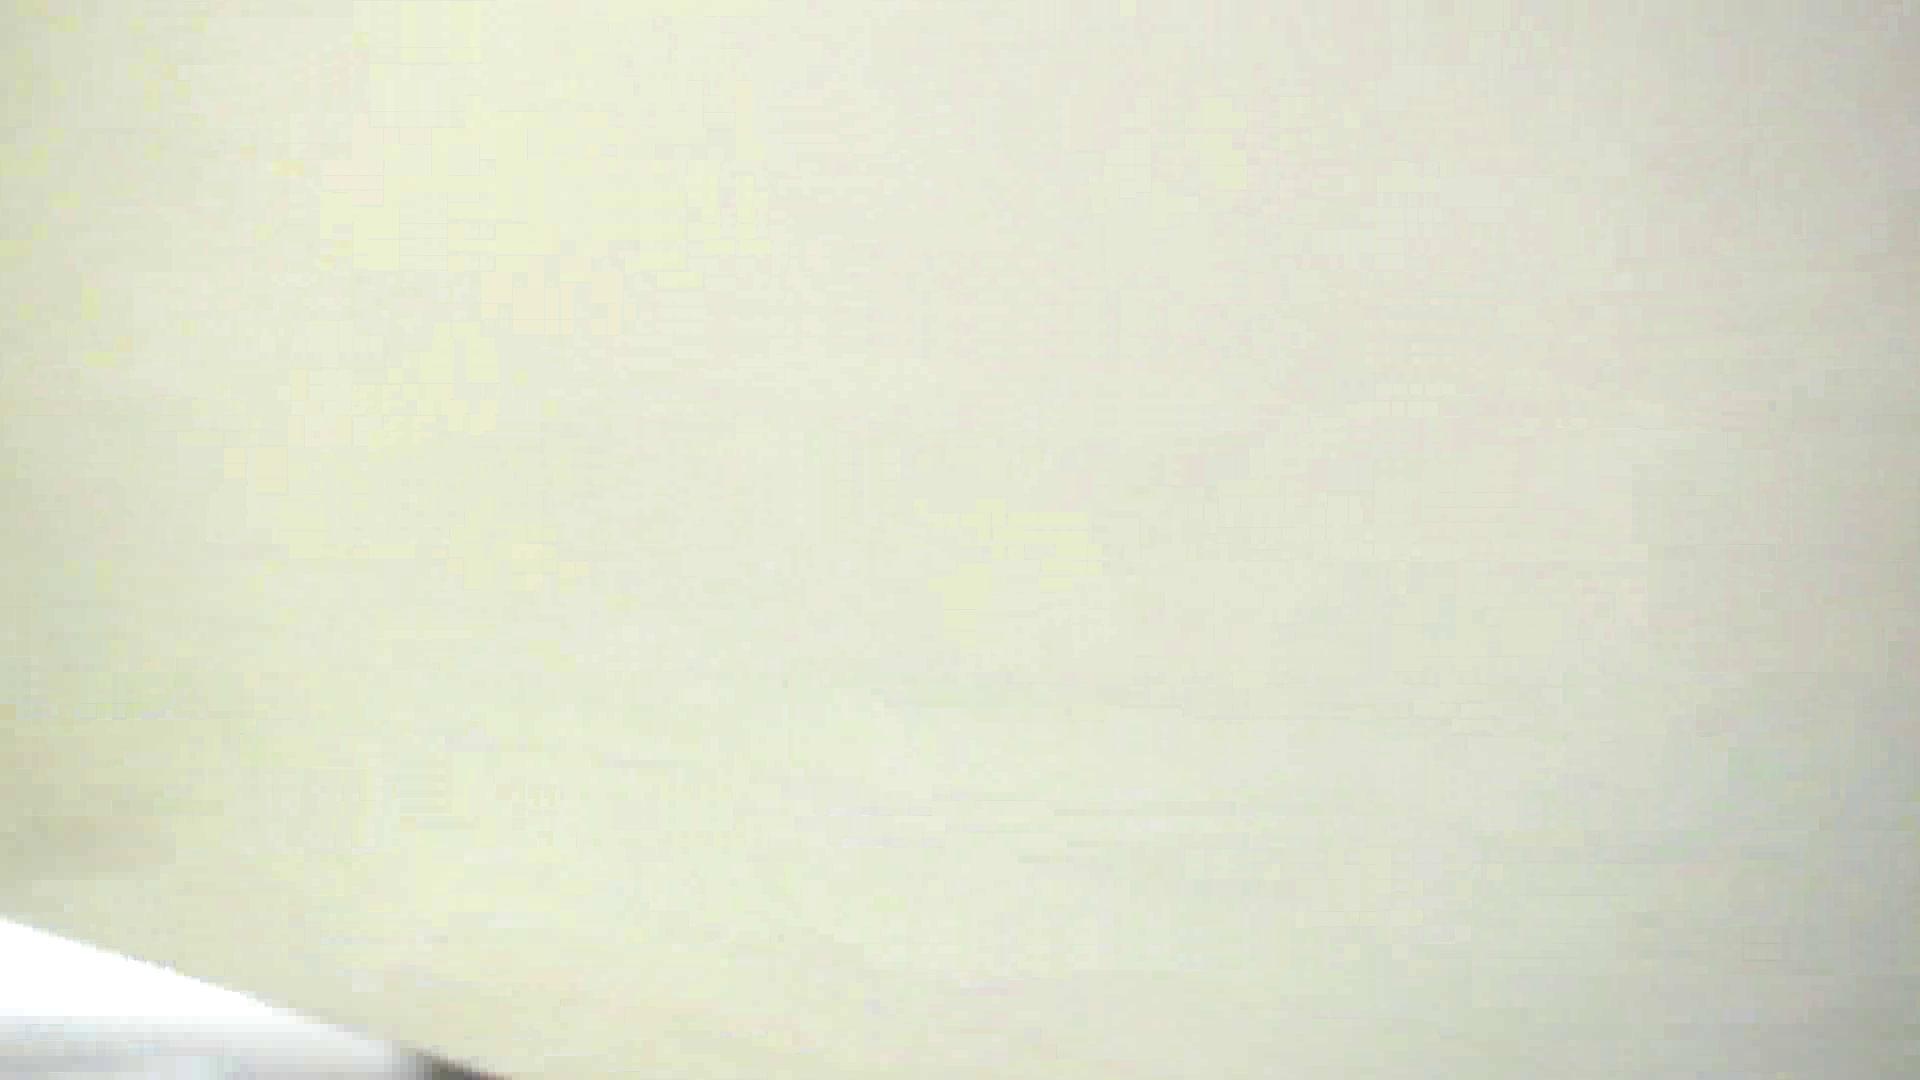 マンコ丸見え女子洗面所Vol.45 0   0  40画像 30